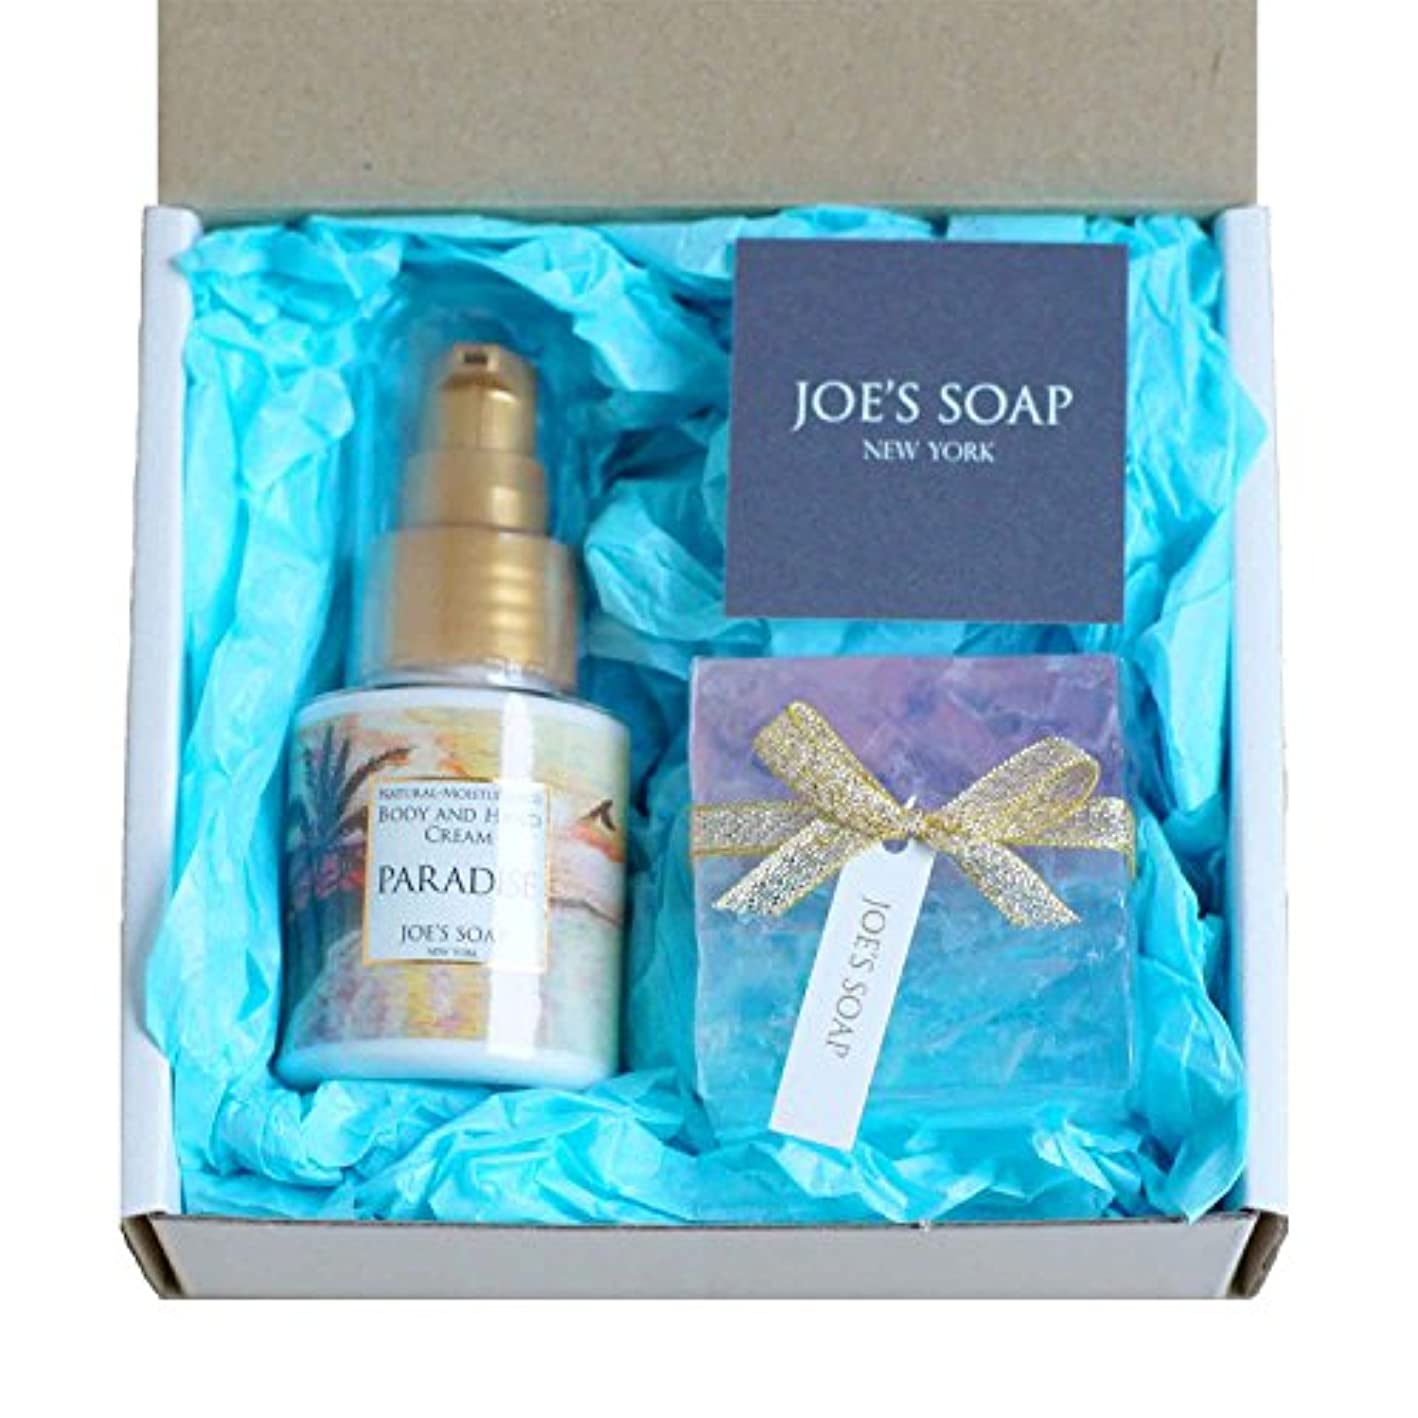 効率的に非互換快適JOE'S SOAP (ジョーズソープ) ギフトボックス(PARADISE) ハンドクリーム ボディクリーム 石鹸 保湿 ポンプ ボディケア スキンケア ギフト プレゼント いい香り